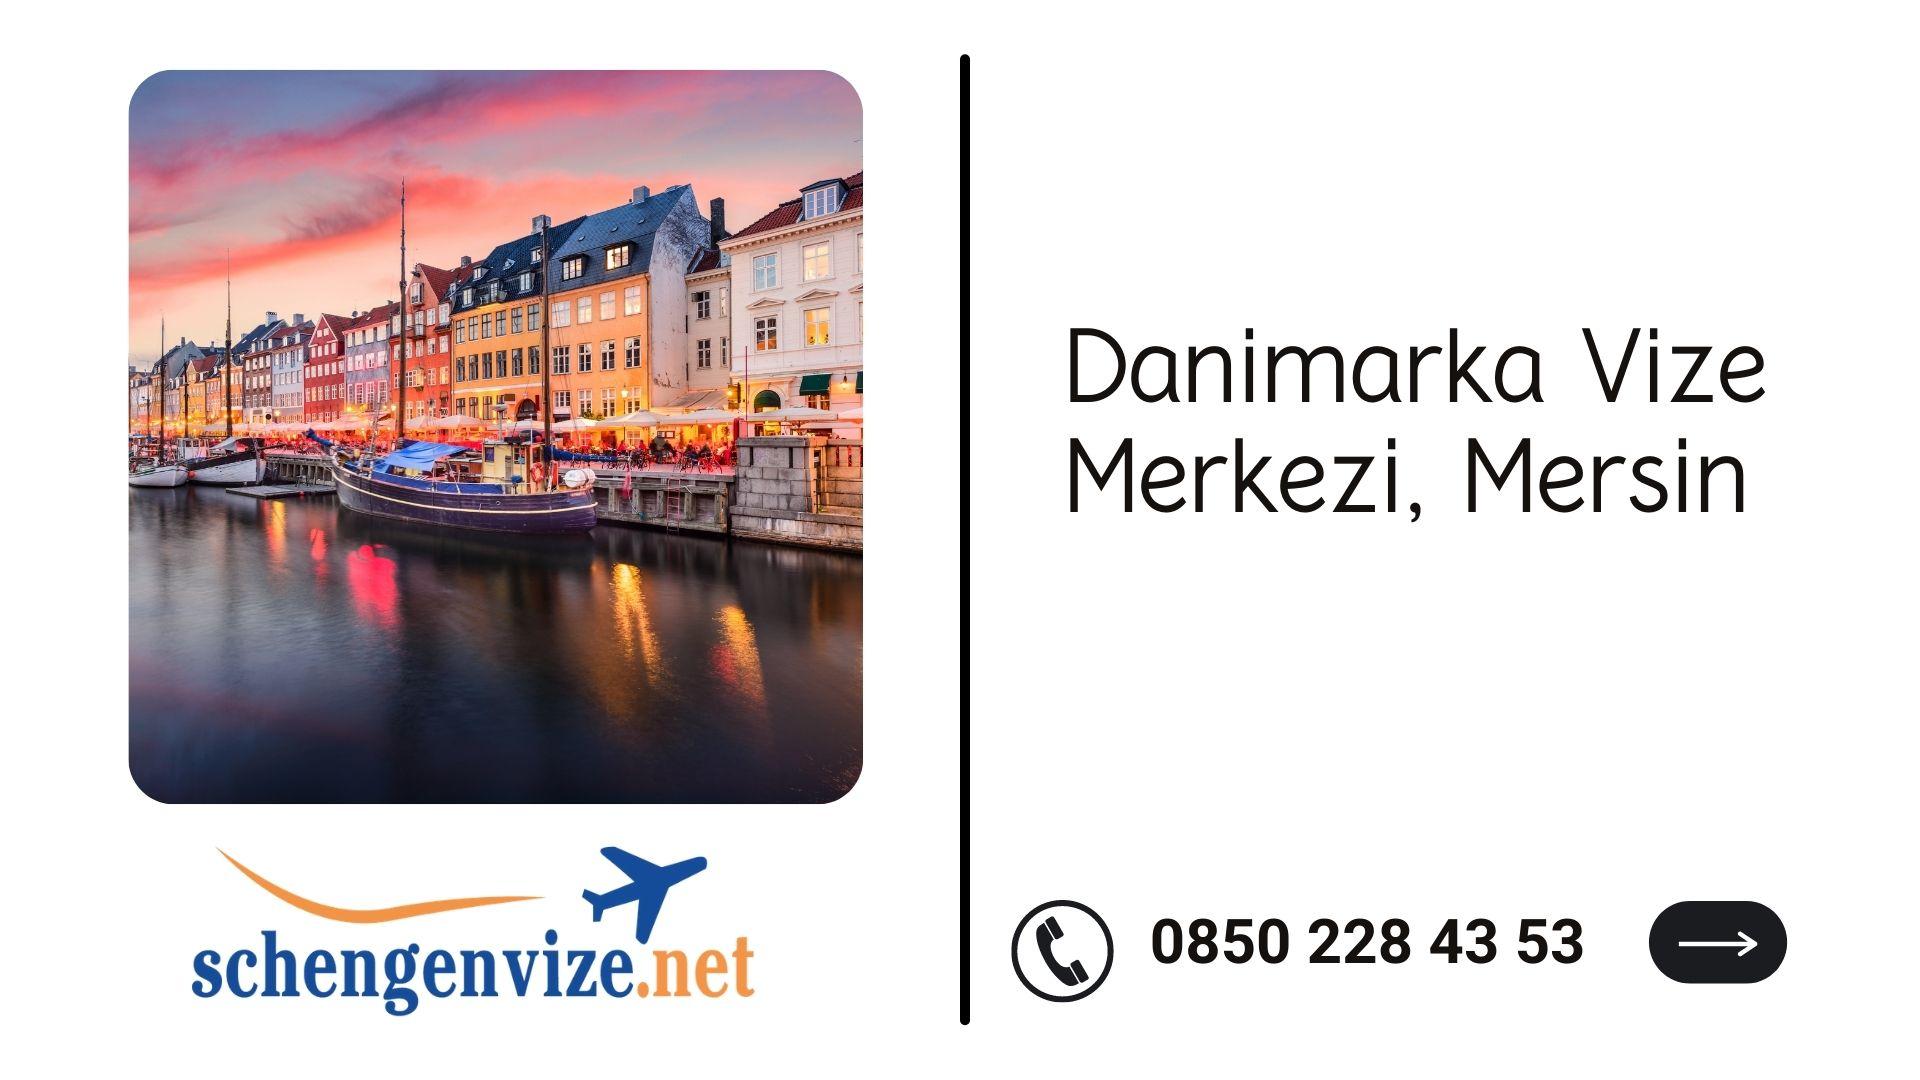 Danimarka Vize Merkezi, Mersin